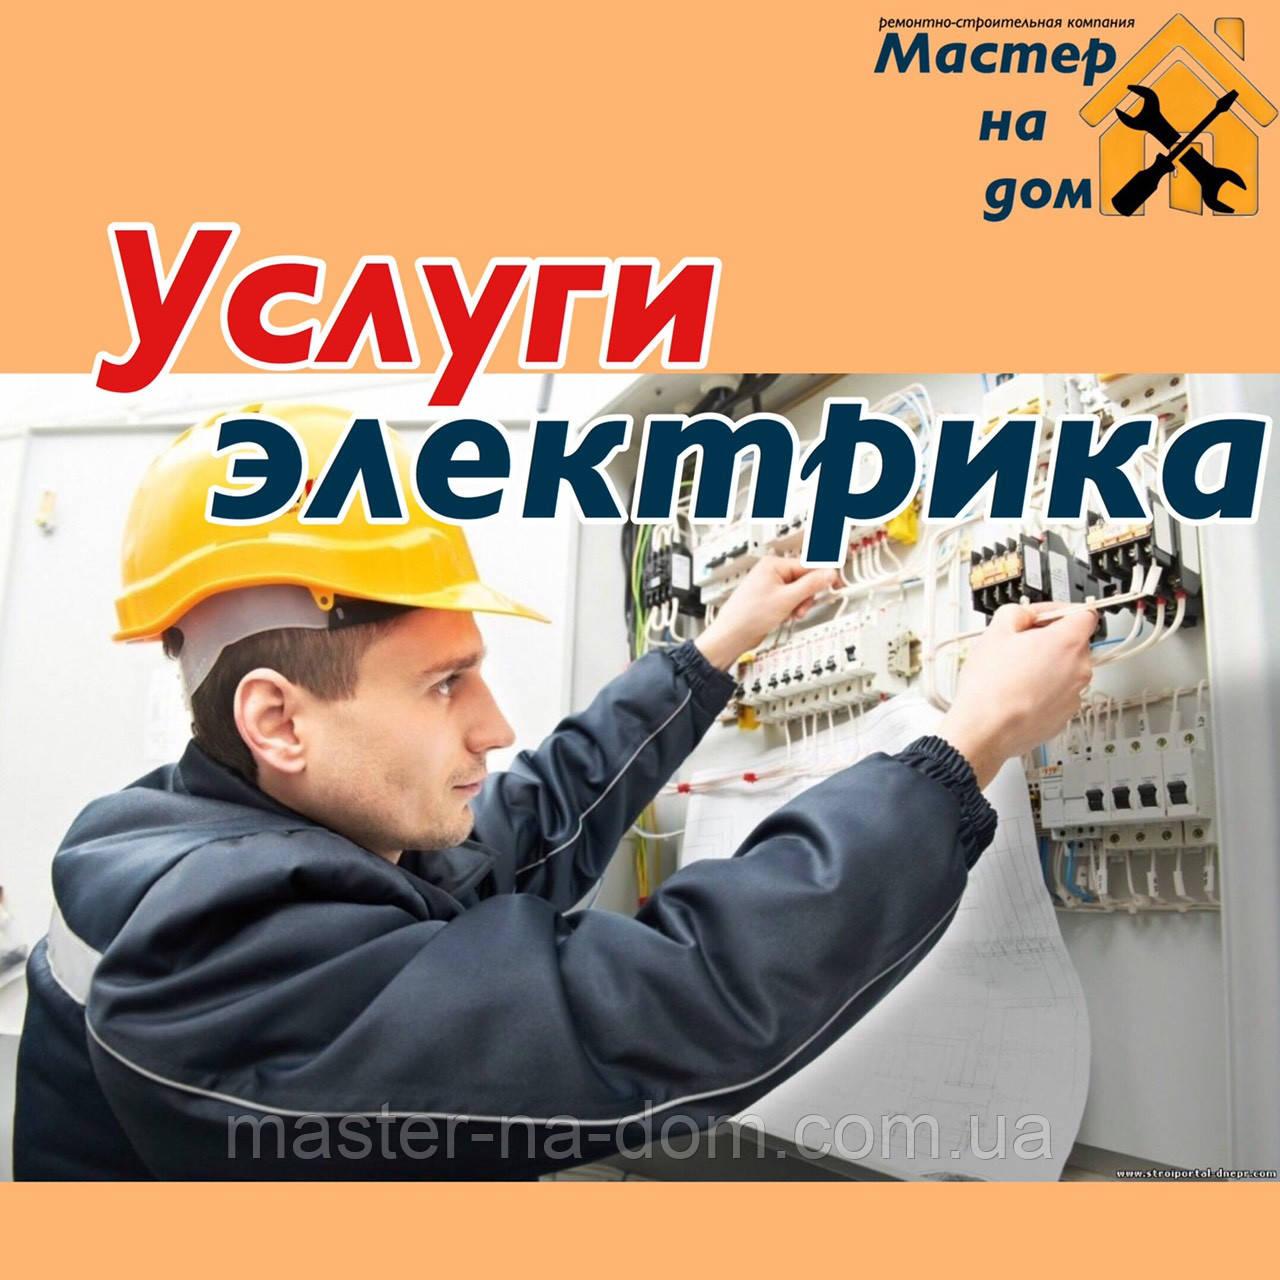 Услуги электрика в Житомире